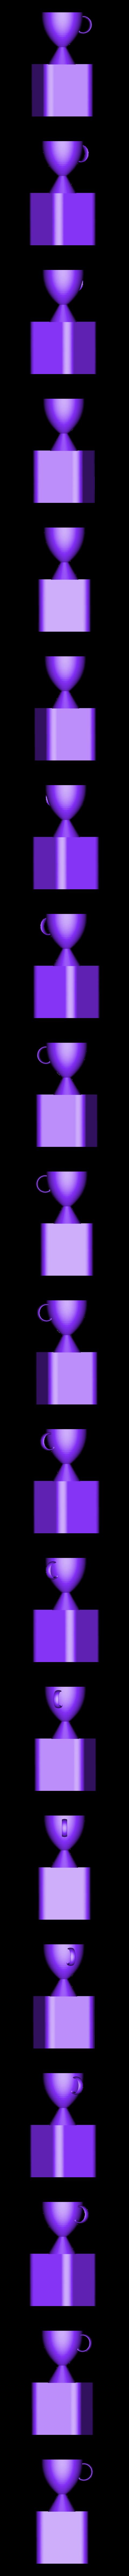 trophy no text.stl Download STL file Trophy • 3D printer design, turnerw006